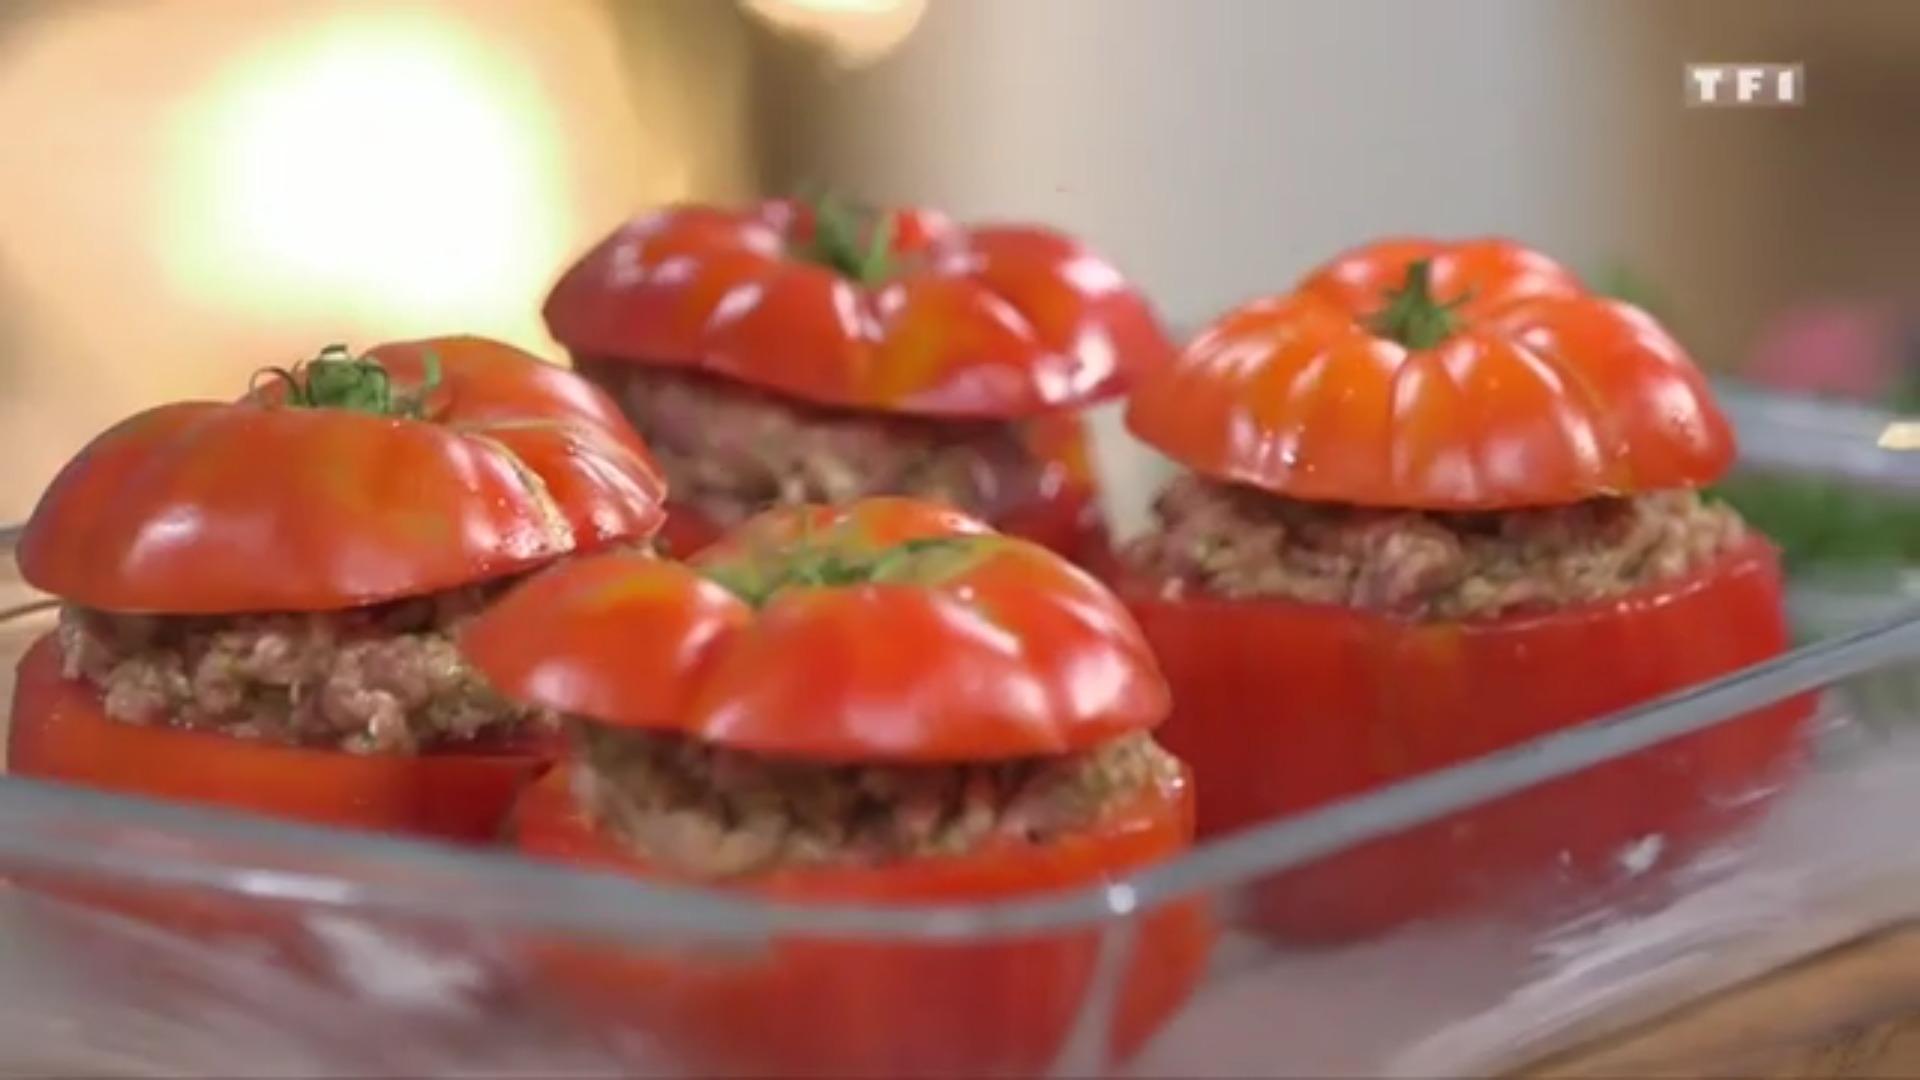 Ma recette de tomates farcies laurent mariotte - Tf1 recettes cuisine laurent mariotte ...